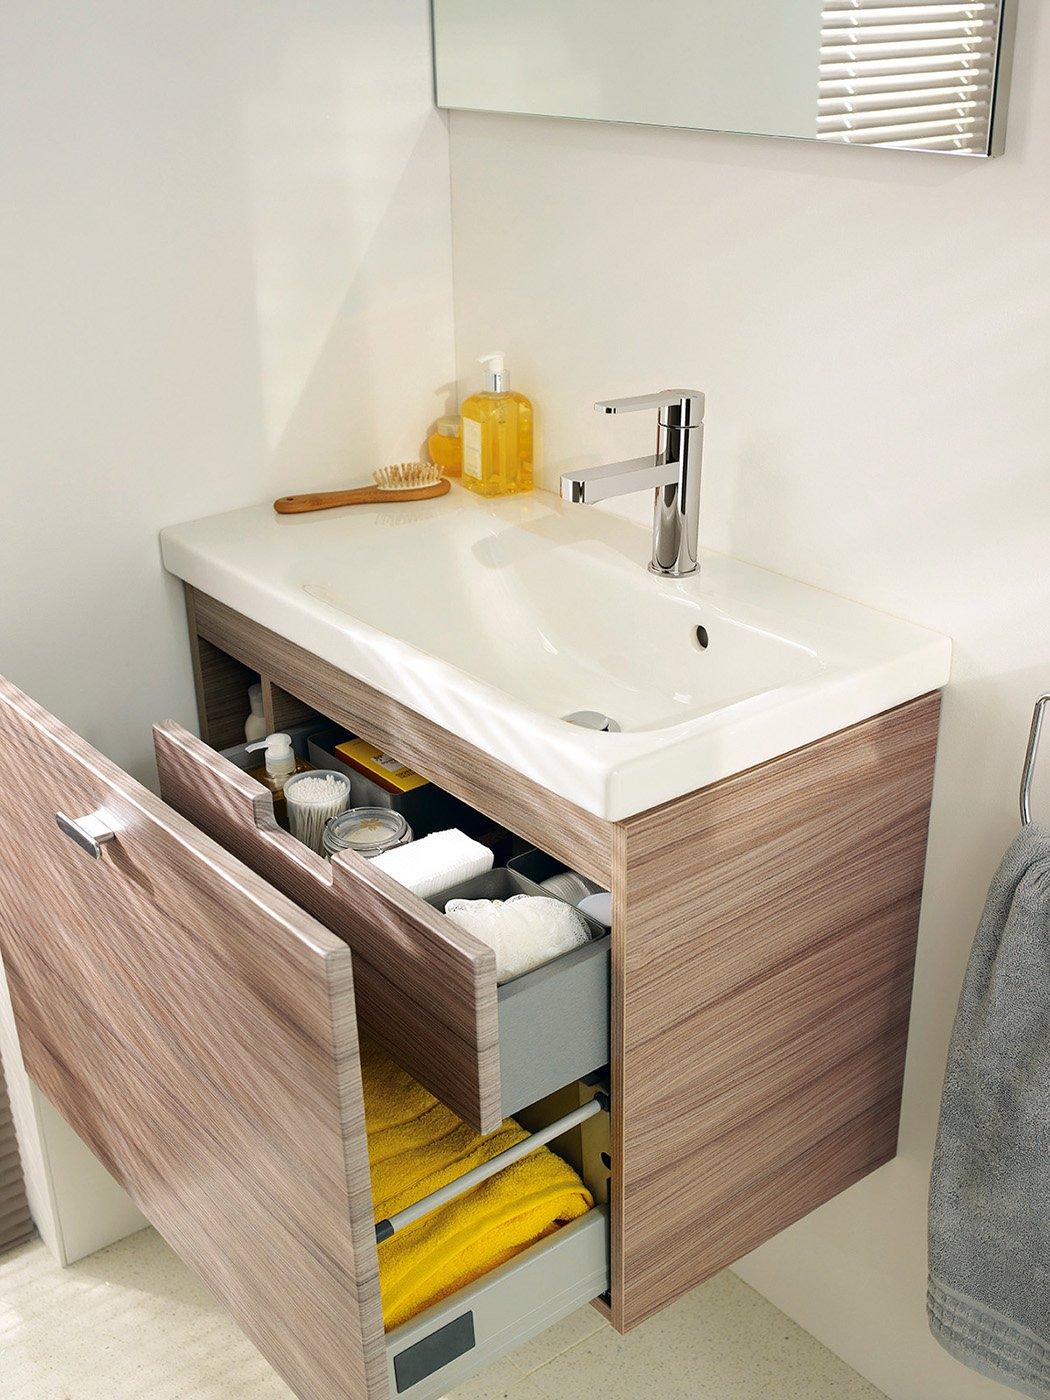 Connect space sanitari lavabi e mobili bagno salvaspazio cose di casa - Lavabo bagno ideal standard ...